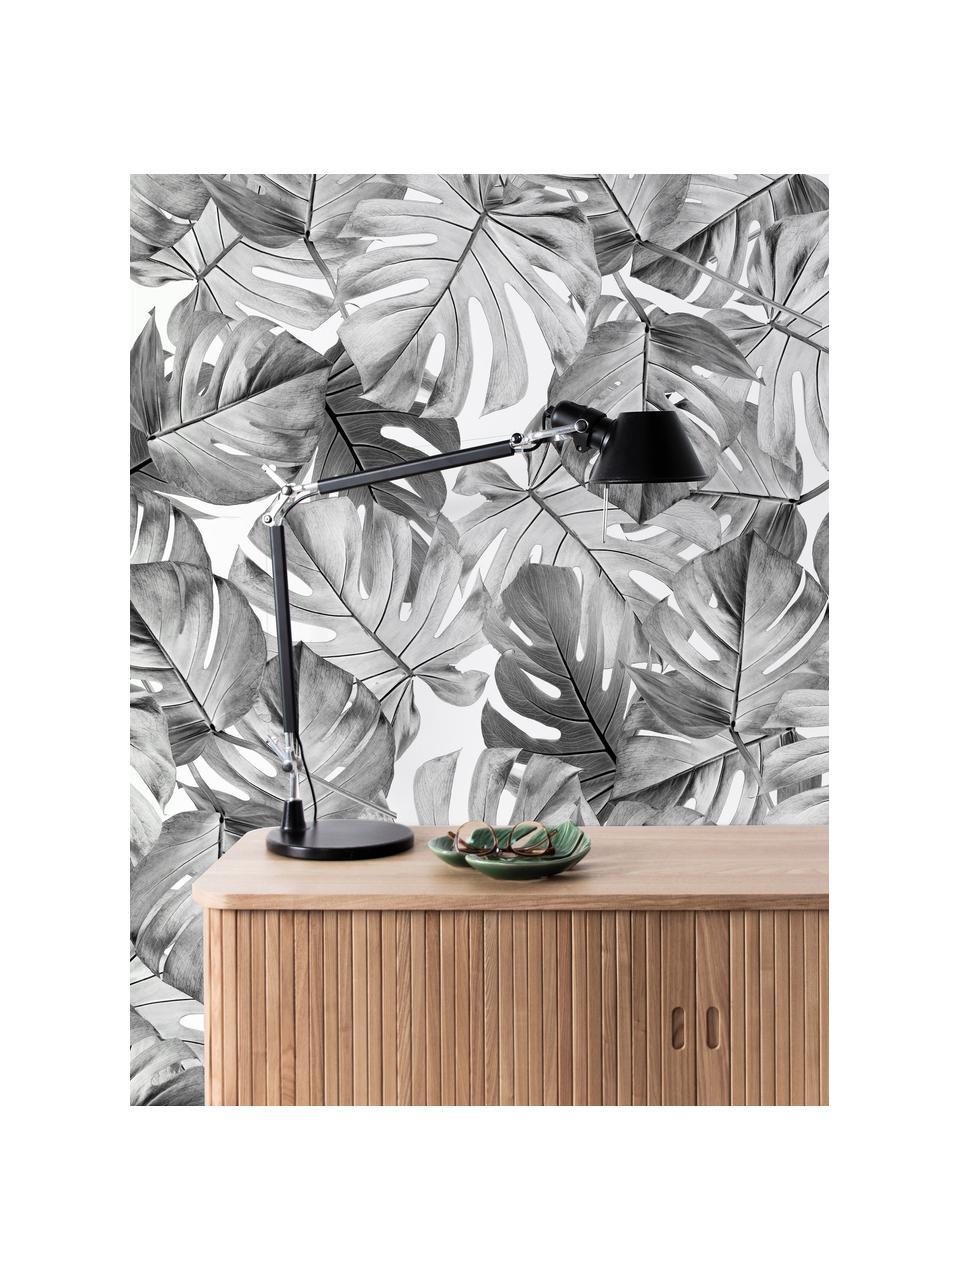 Fotobehang Monstera, Vlies, milieuvriendelijk en biologisch afbreekbaar, Zwart, wit, 97 x 280 cm